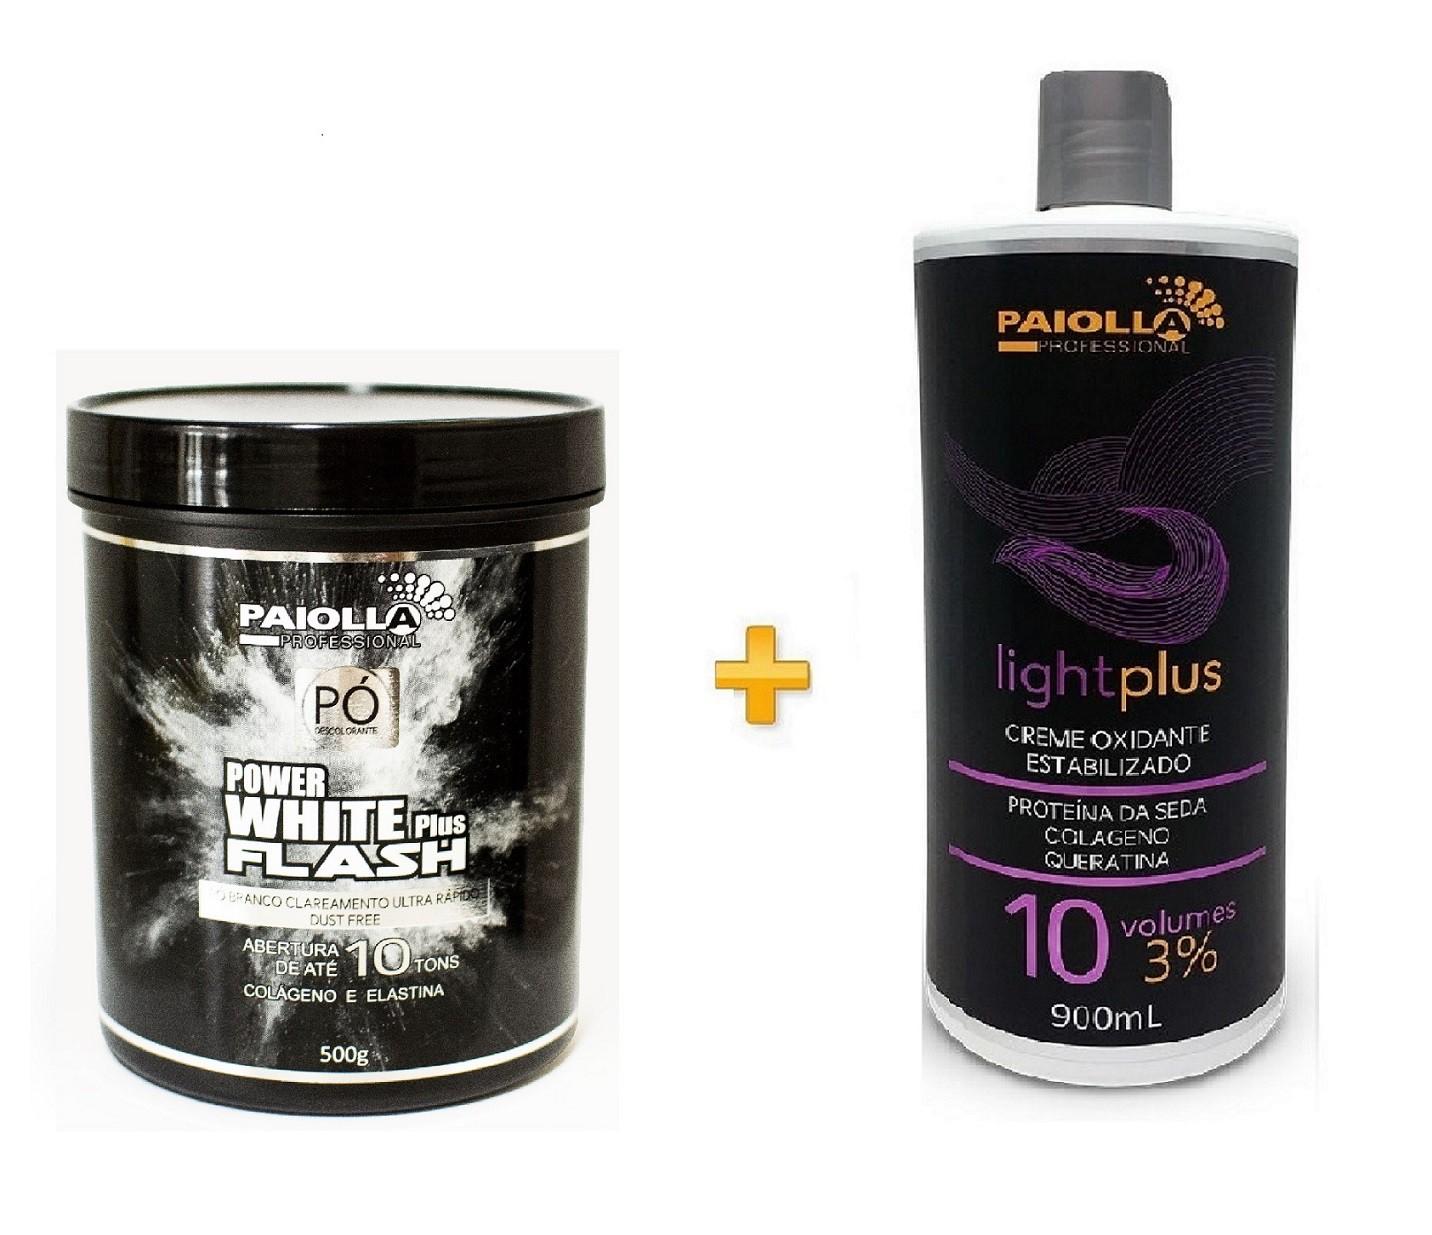 COMBO Pó Descolorante Power White Flash 500g + Creme Oxidante Estabilizado 10 volumes